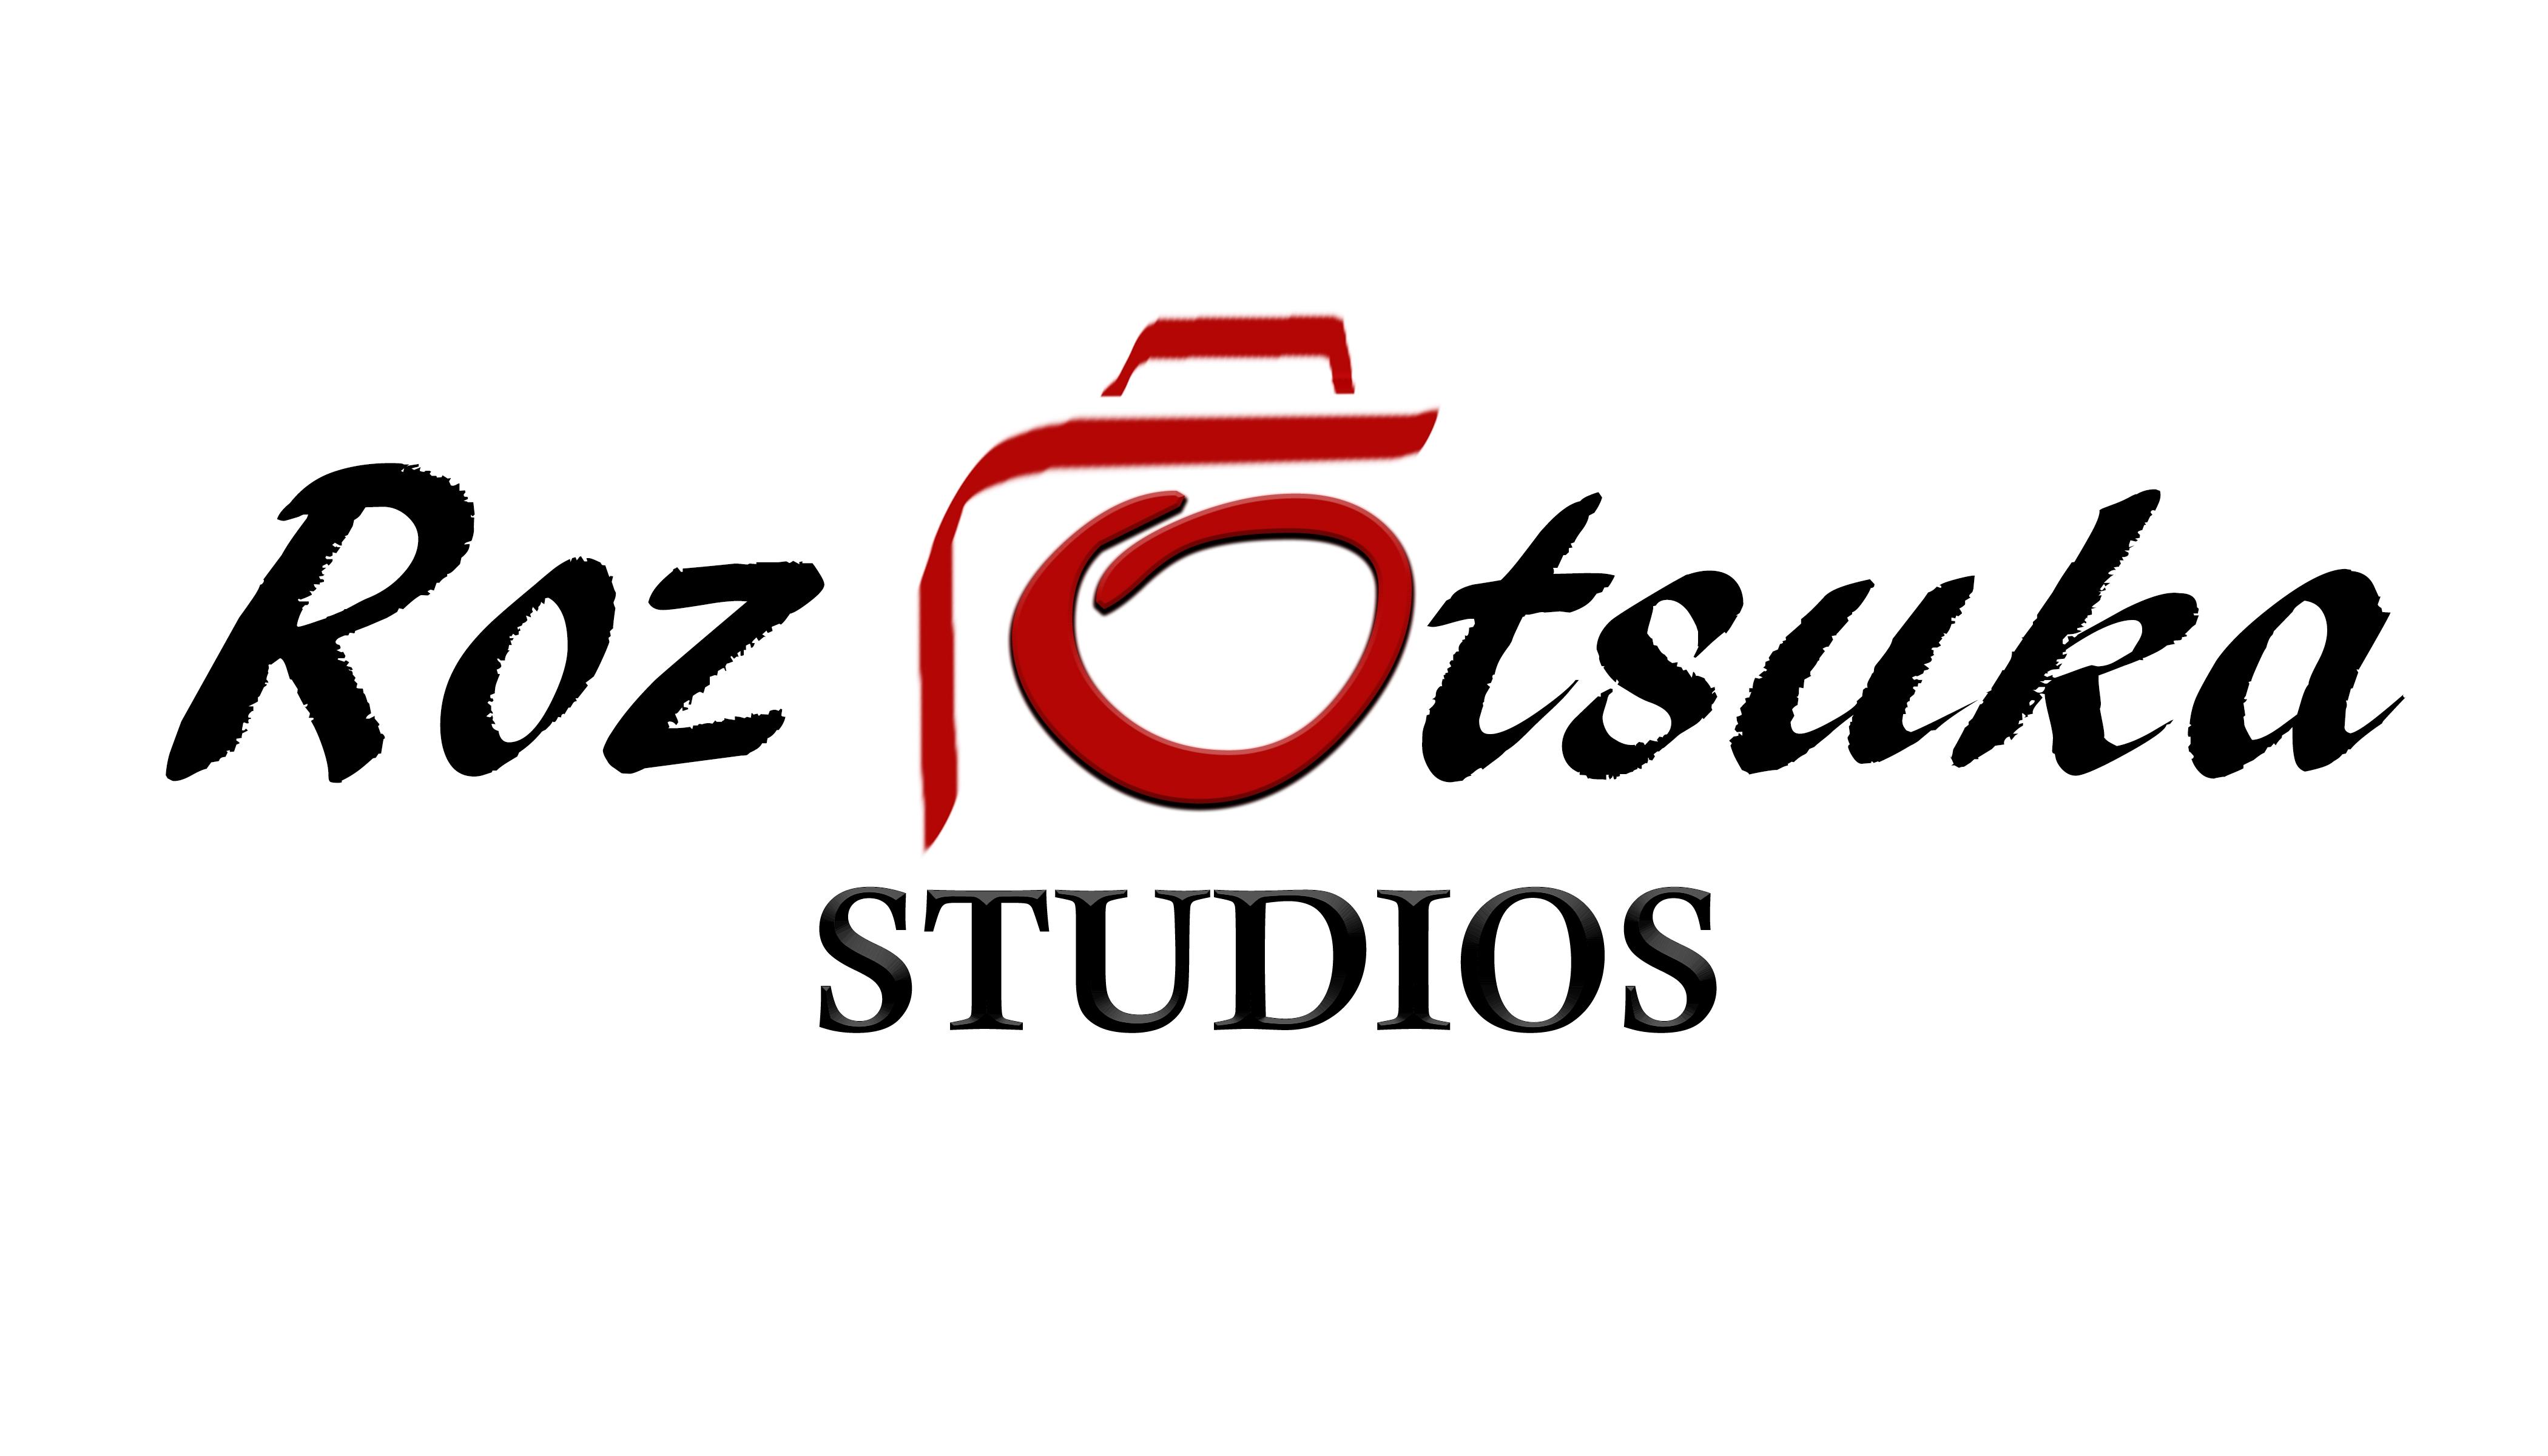 Roz Otsuka Studios